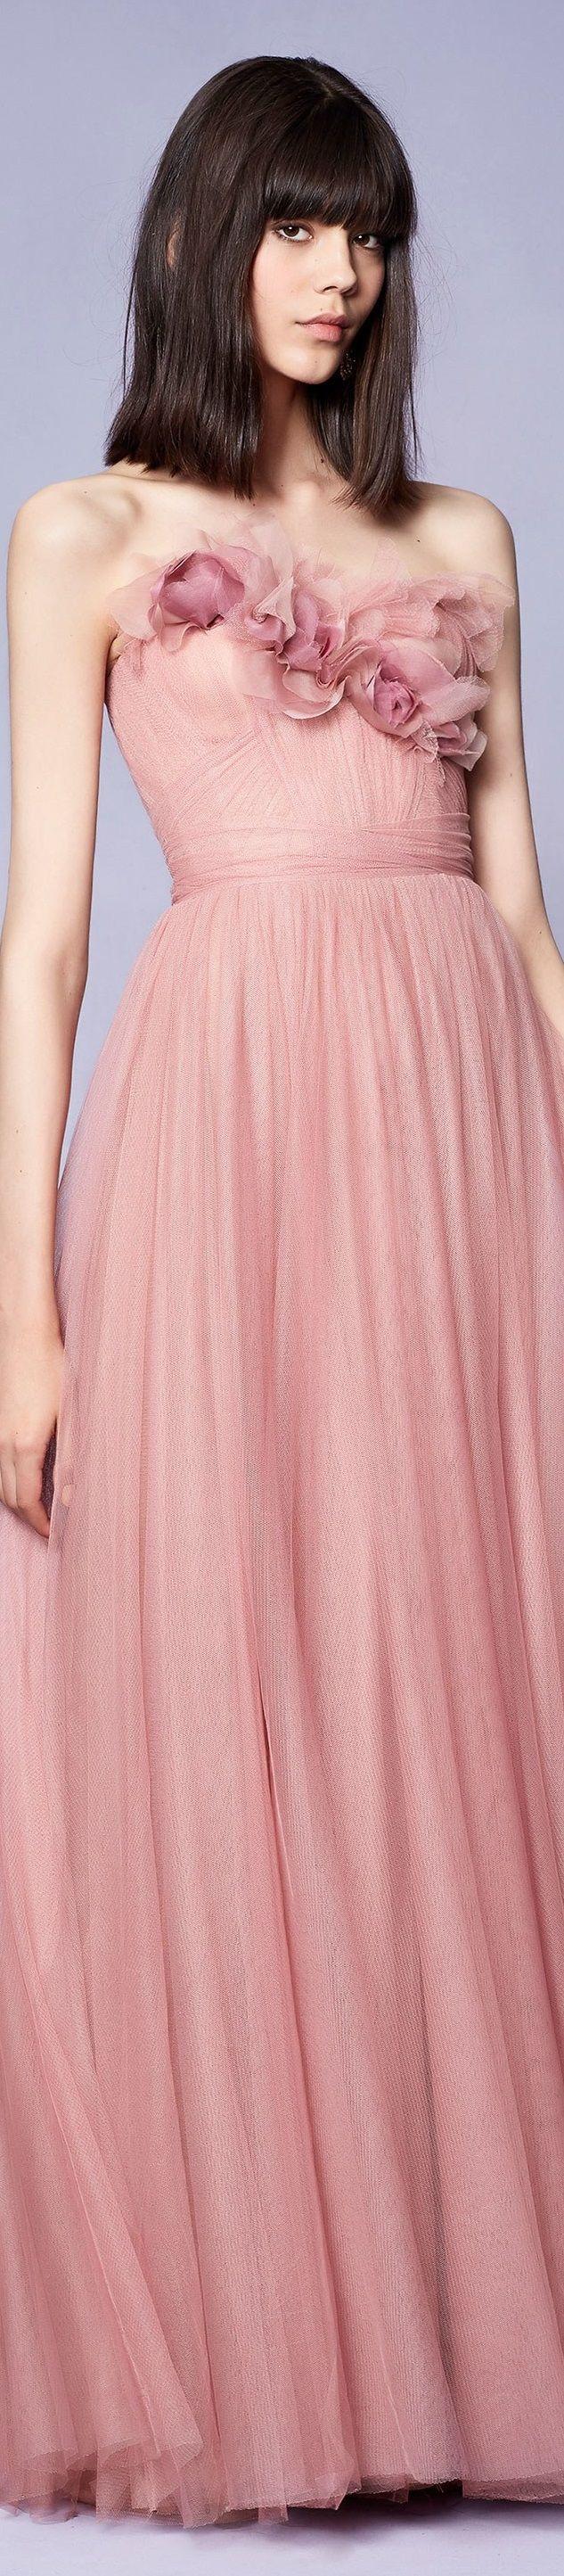 2143 best Koszorúslányok /bridesmaids images on Pinterest   Ball ...